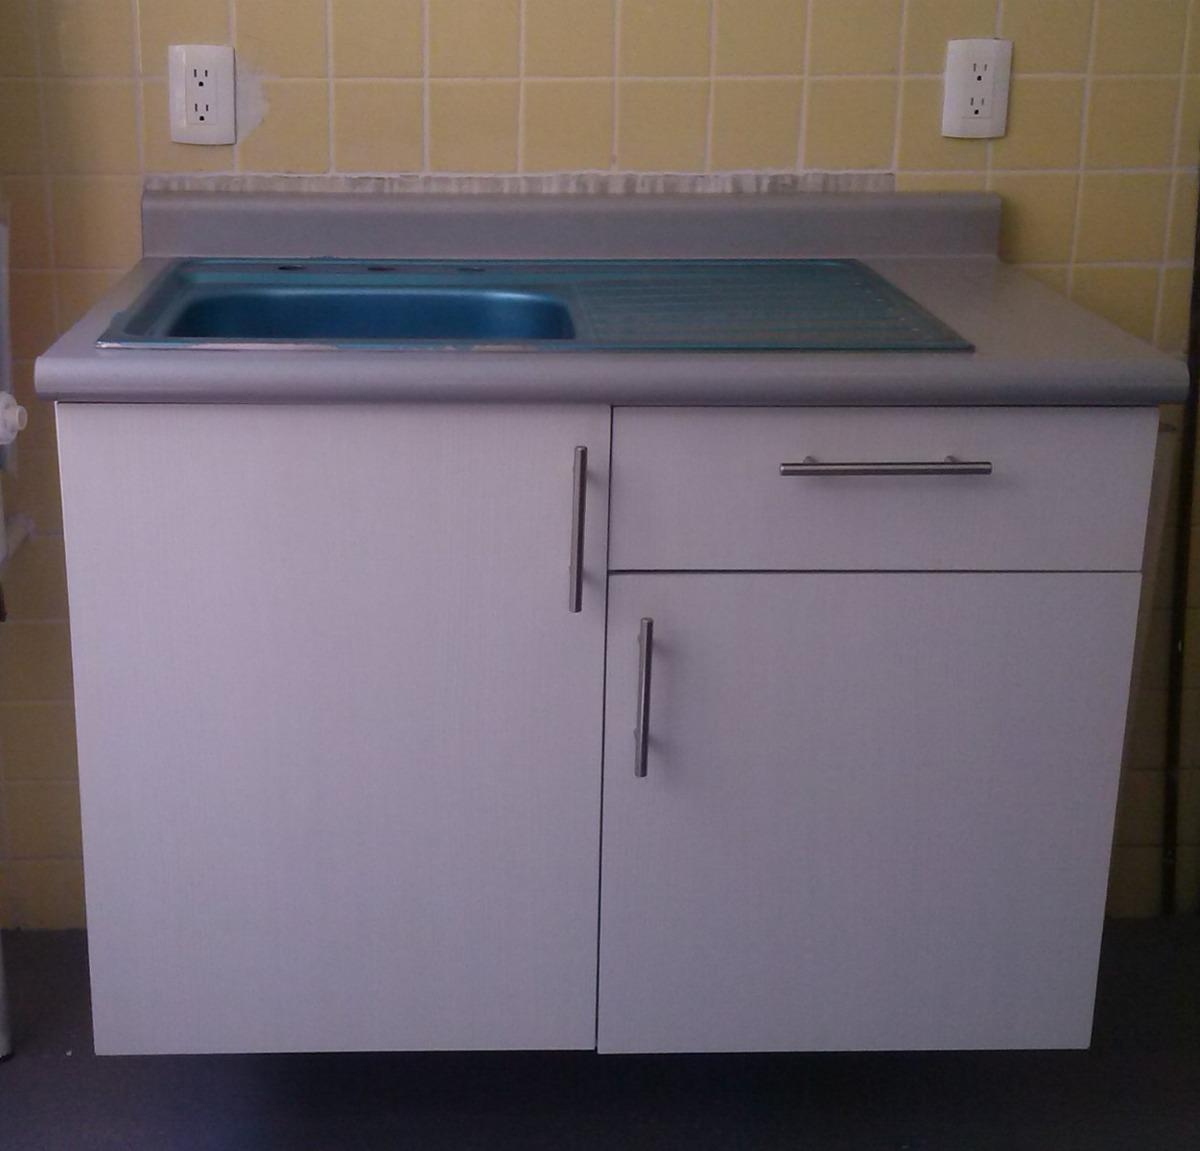 Mueble para fregadero con tarja para cocina integral vv4 for Muebles para cocina integral